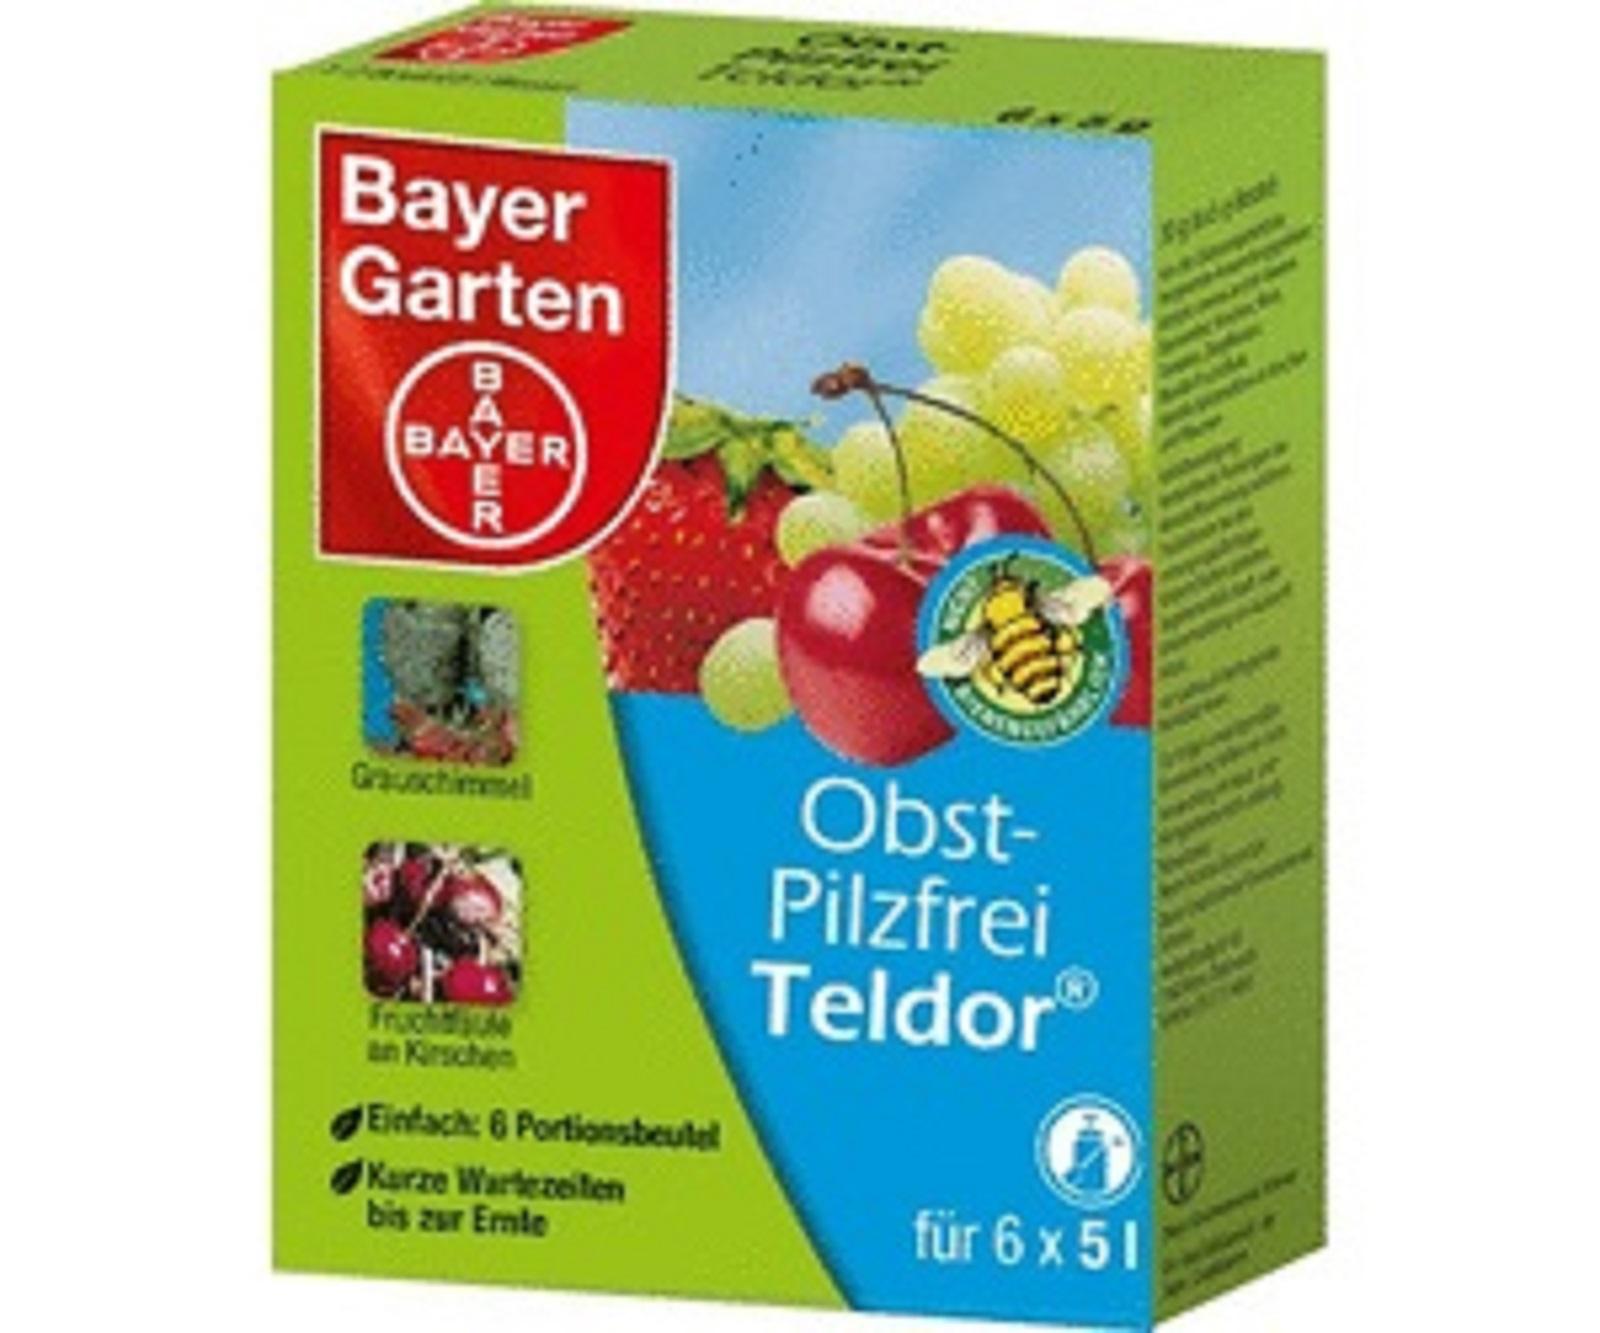 Bayer Obst Pilzfrei Teldor 30 g